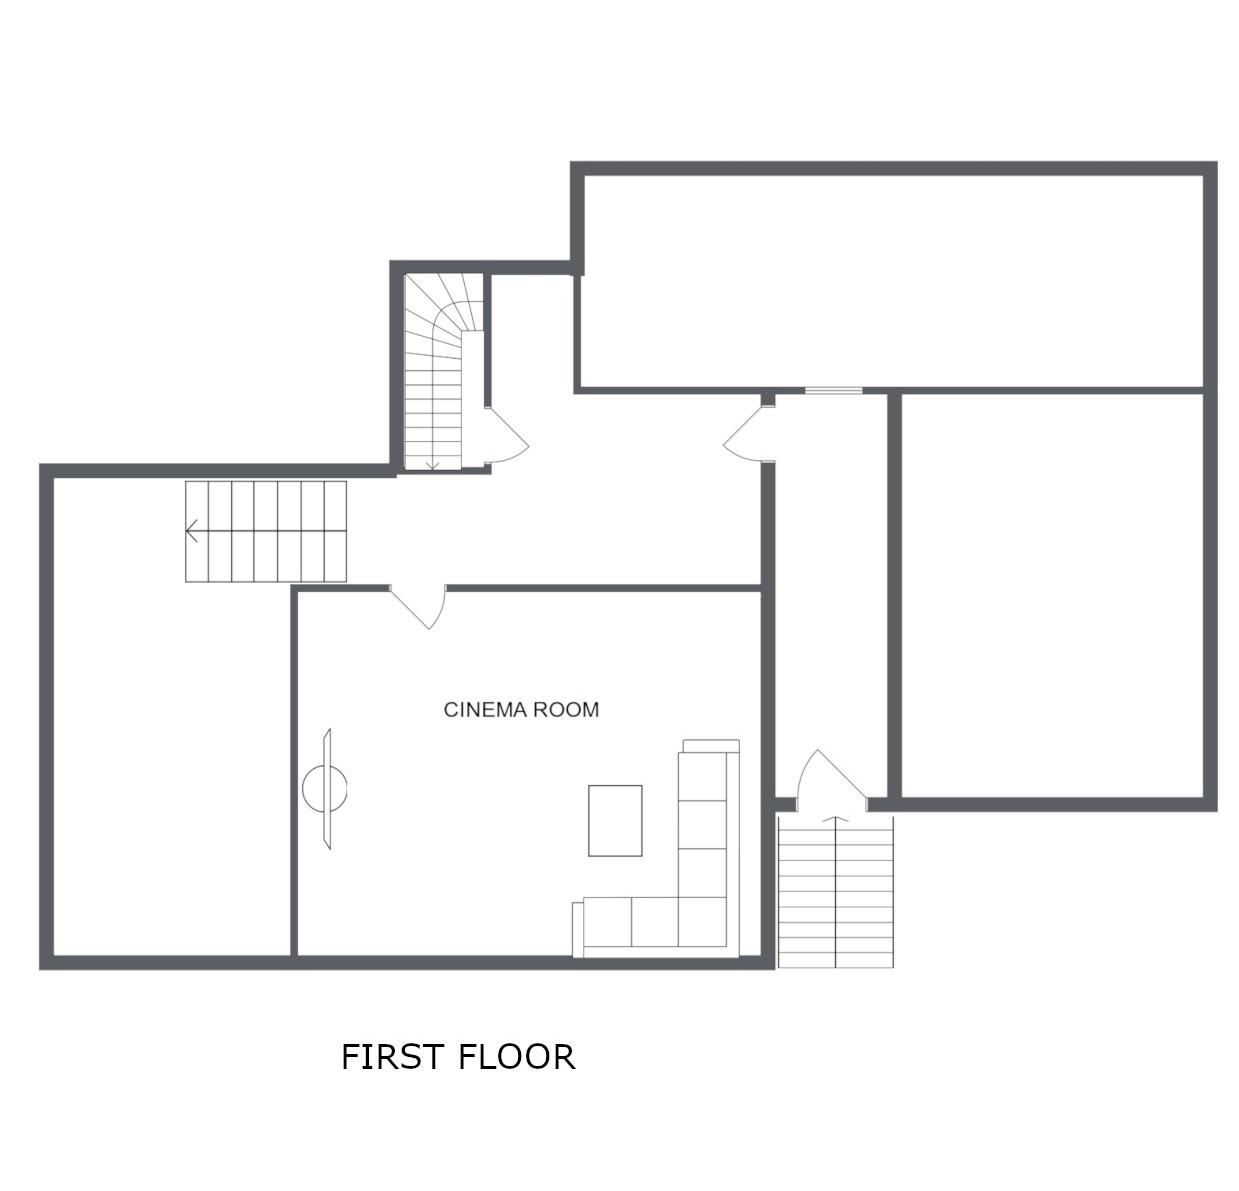 Chalet Virage Meribel Floor Plan 1